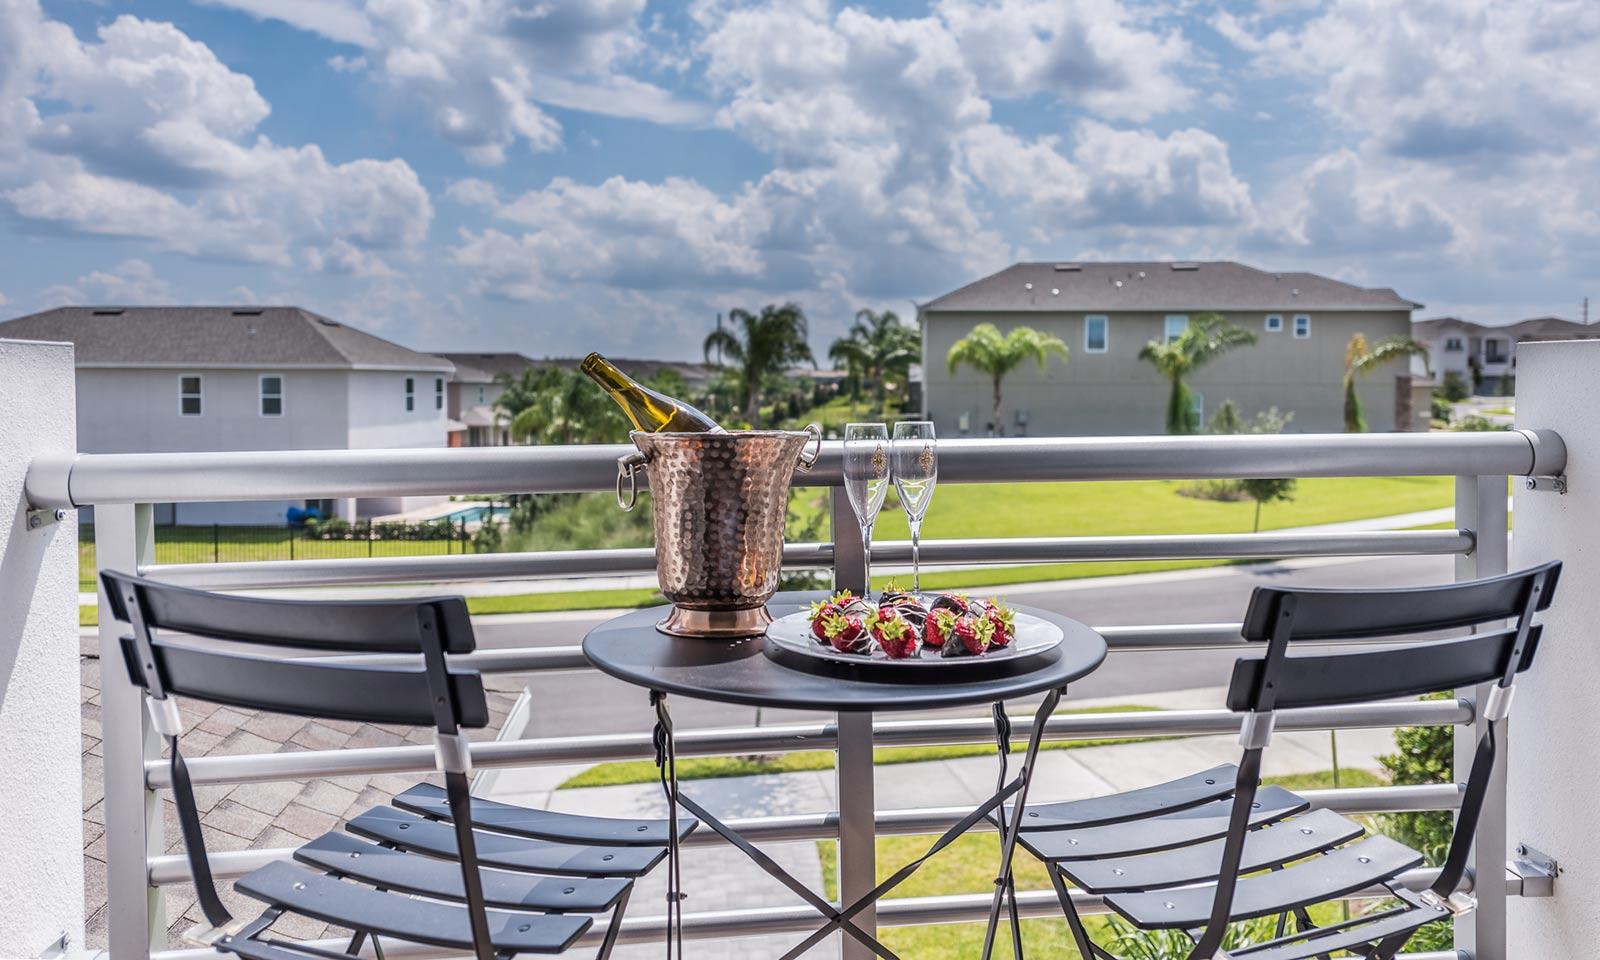 [amenities:balcony:3] Balcony